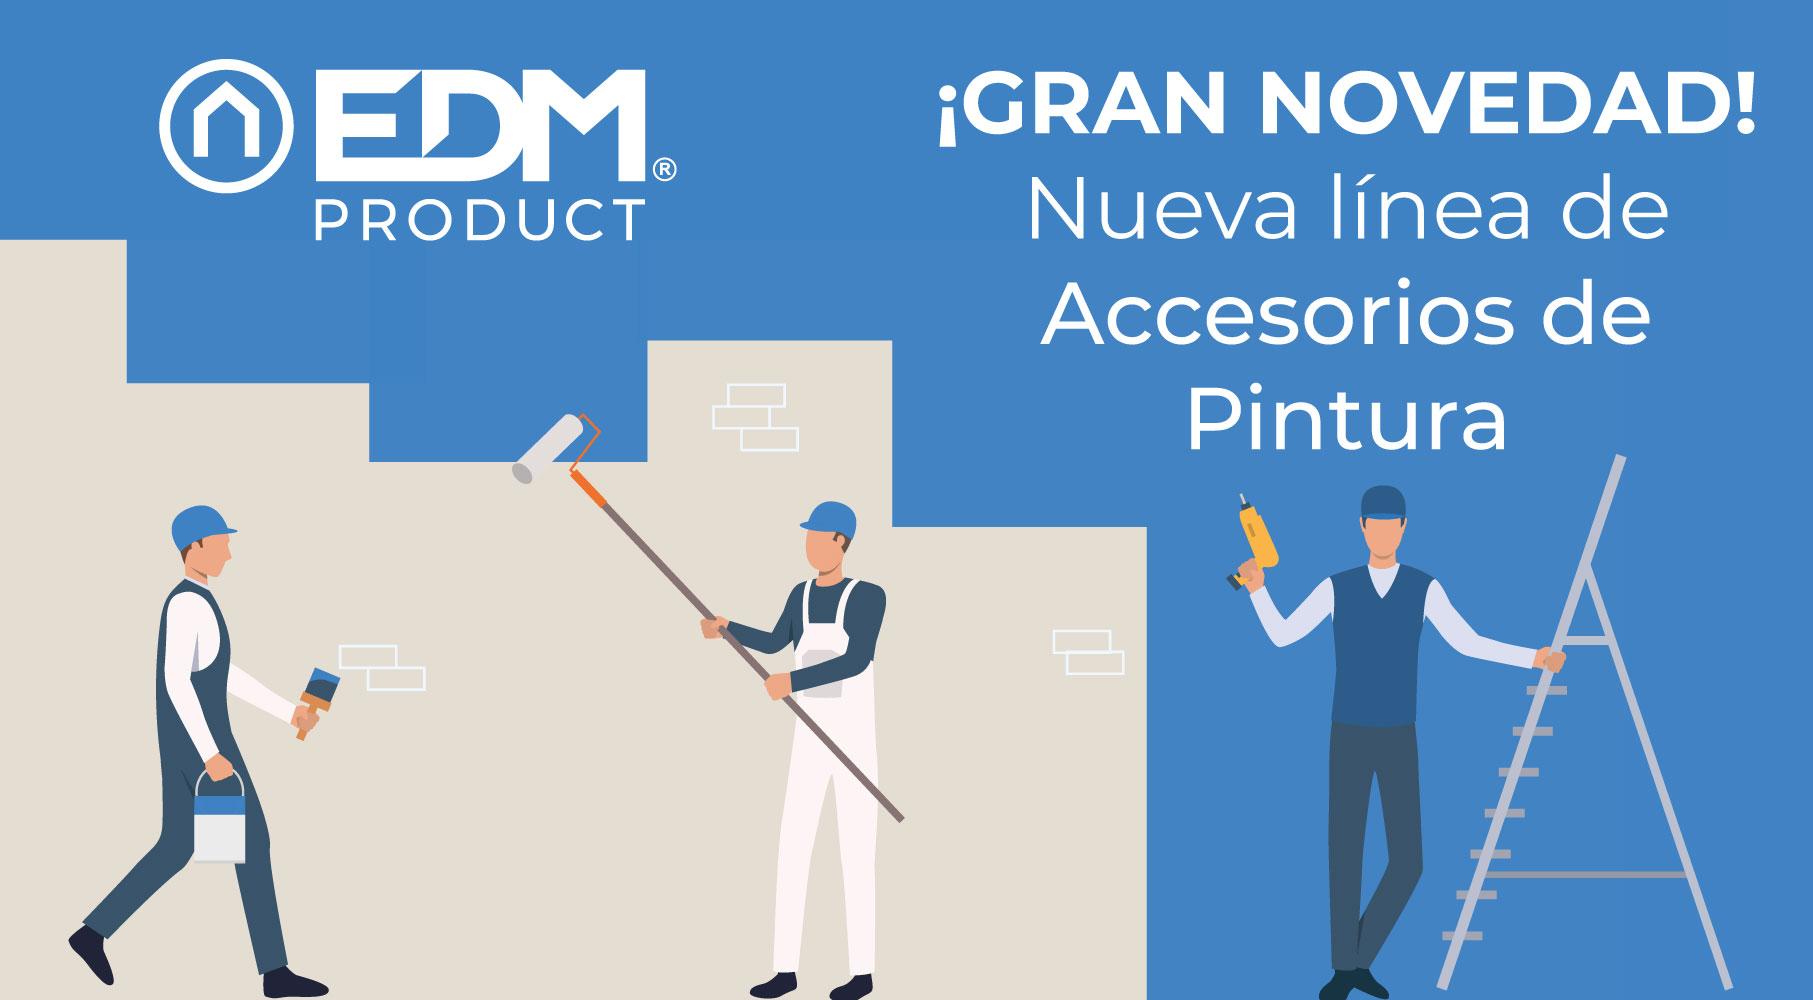 Nouvelle gamme d'accessoires de peinture EDM